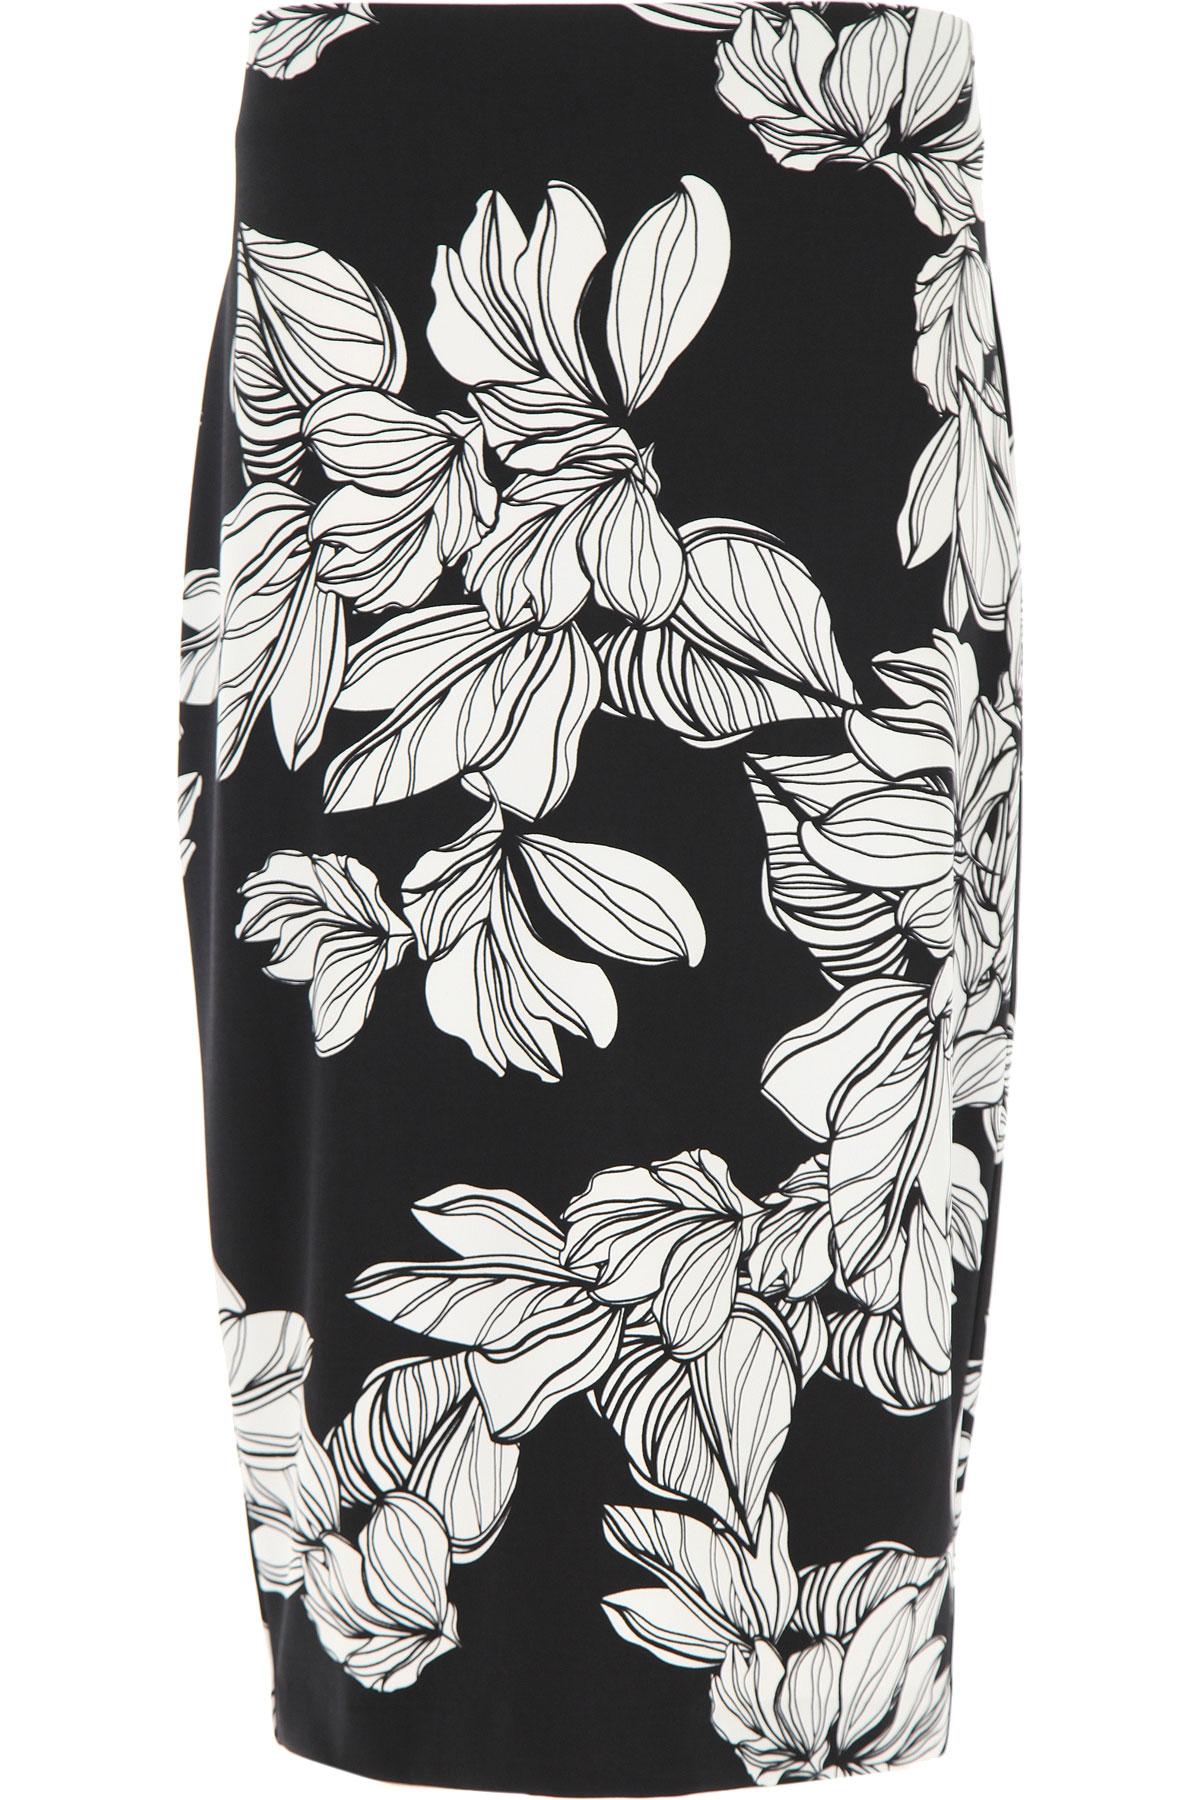 Joseph Ribkoff Skirt for Women On Sale, Black, polyester, 2019, 30 32